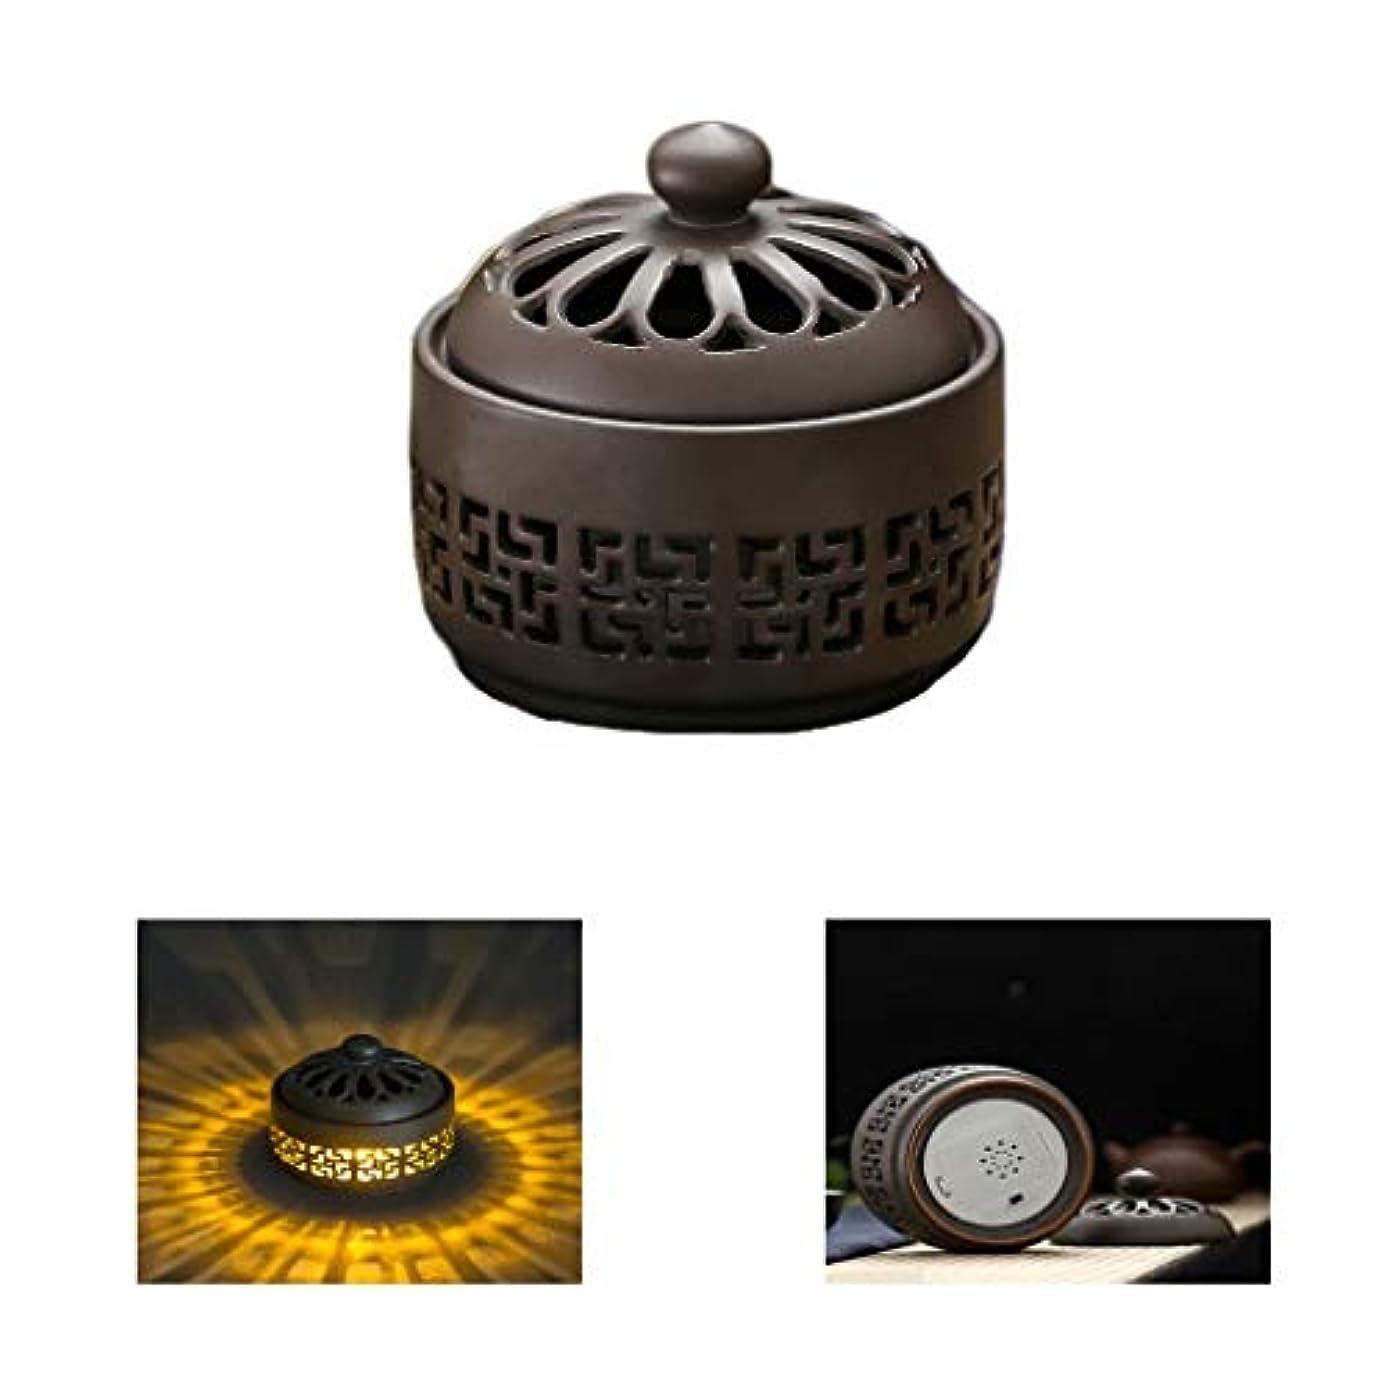 バーチャルステートメント流産ホームアロマバーナー LED暖かい光香バーナーレトロノスタルジックなセラミック香炉高温アロマセラピー炉 アロマバーナー (Color : Earth tones)